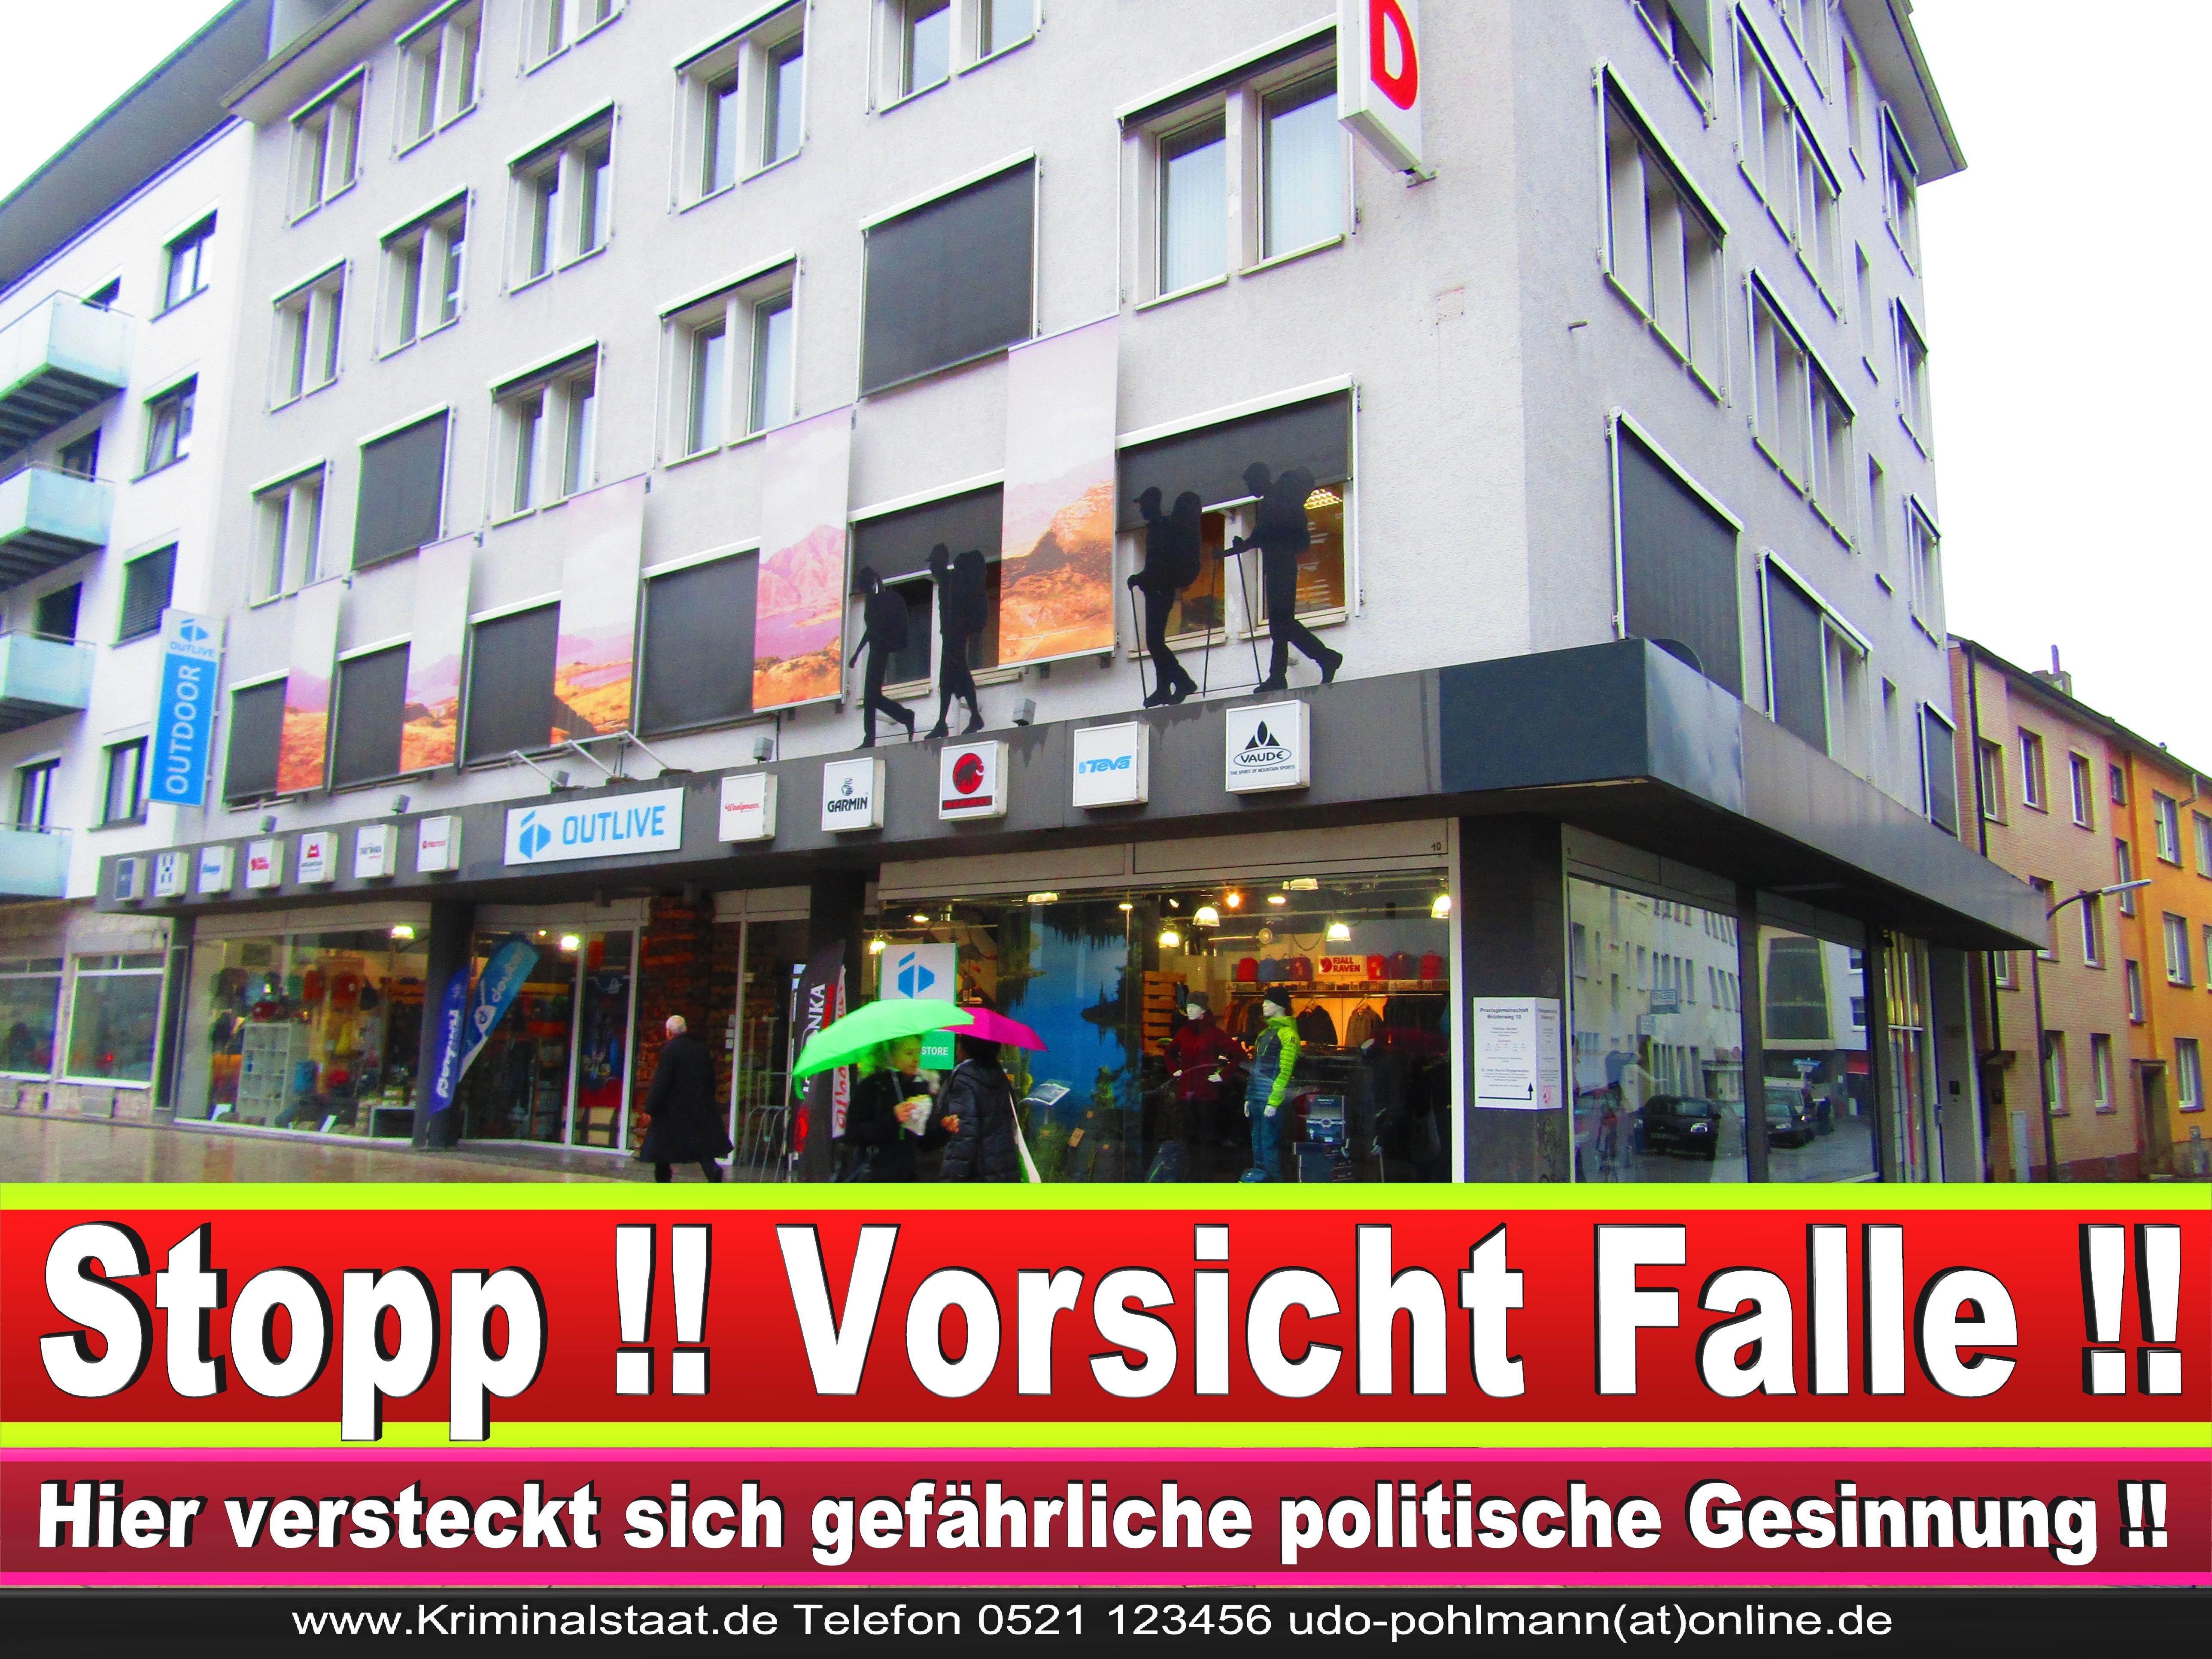 SPD DORTMUND UNTERBEZIRK BüRGERBüRO SPD ORTSVERBAND RAT STADT RATSMITGLIEDER SPD FRAKTION SPD NRW ADRESSE (13) 1